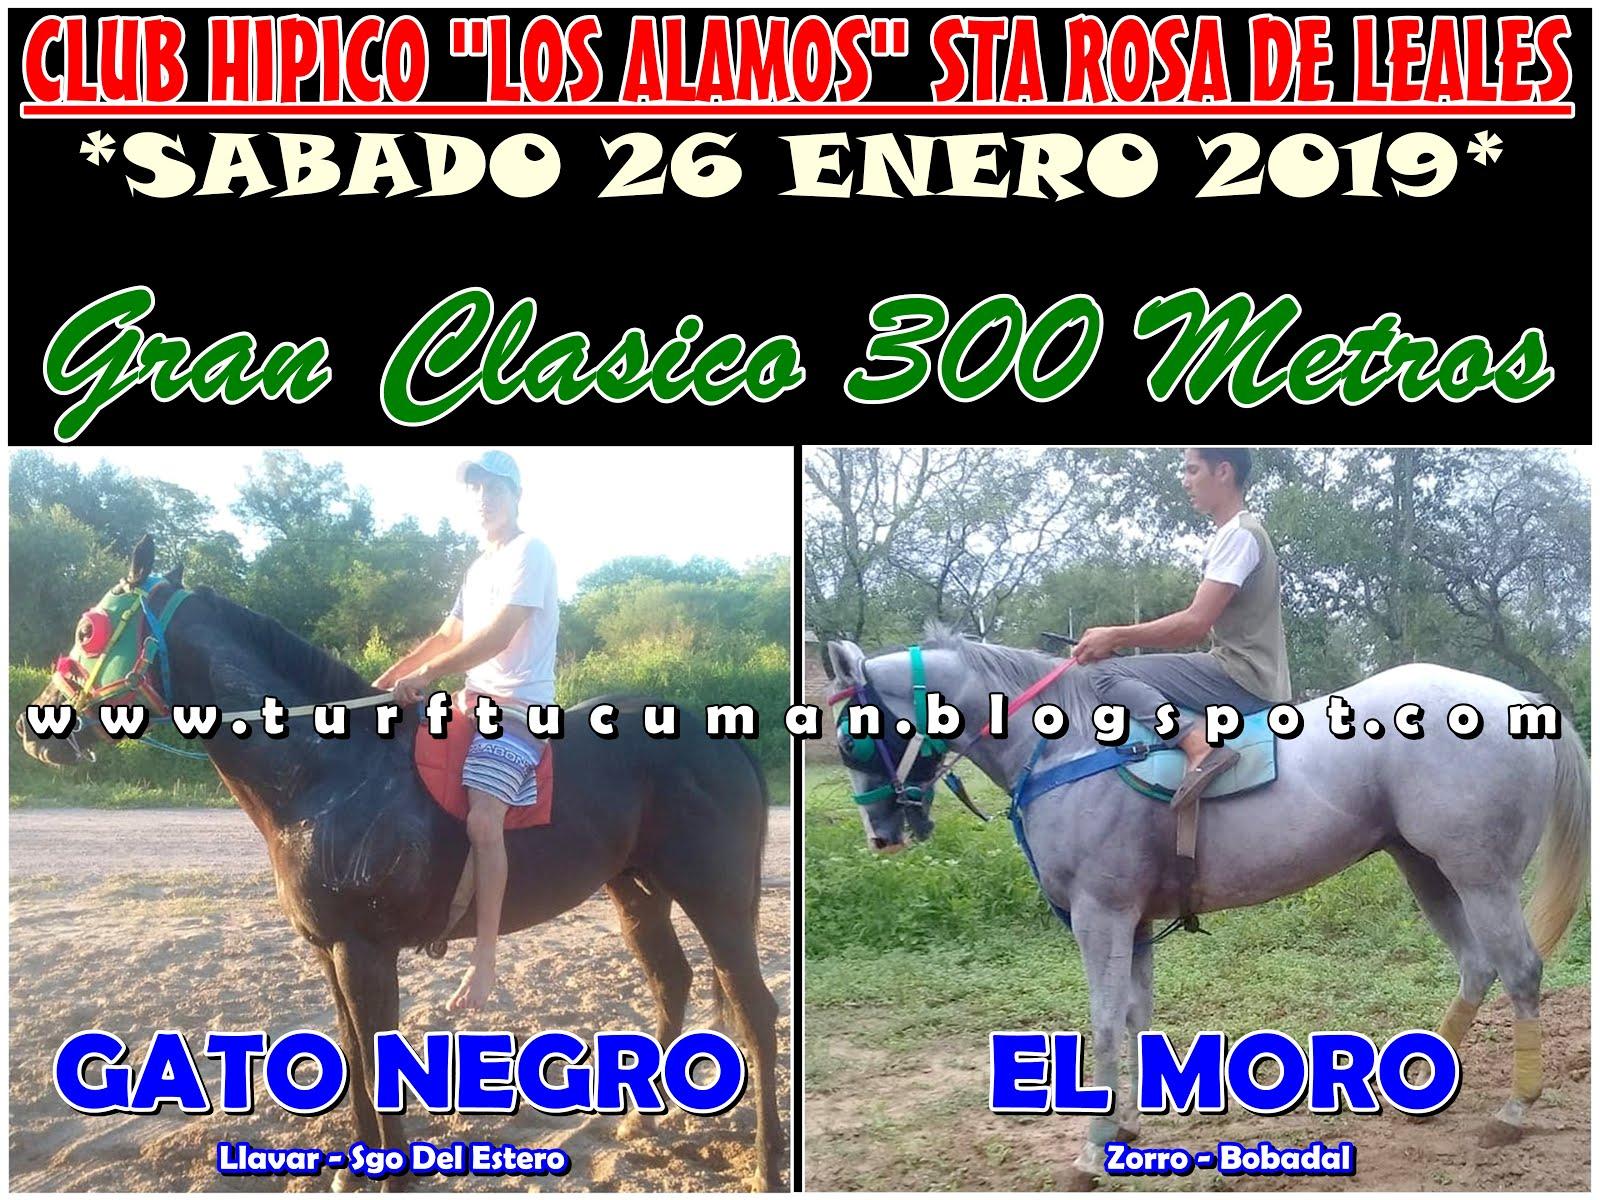 GATO NEGRO VS EL MORO